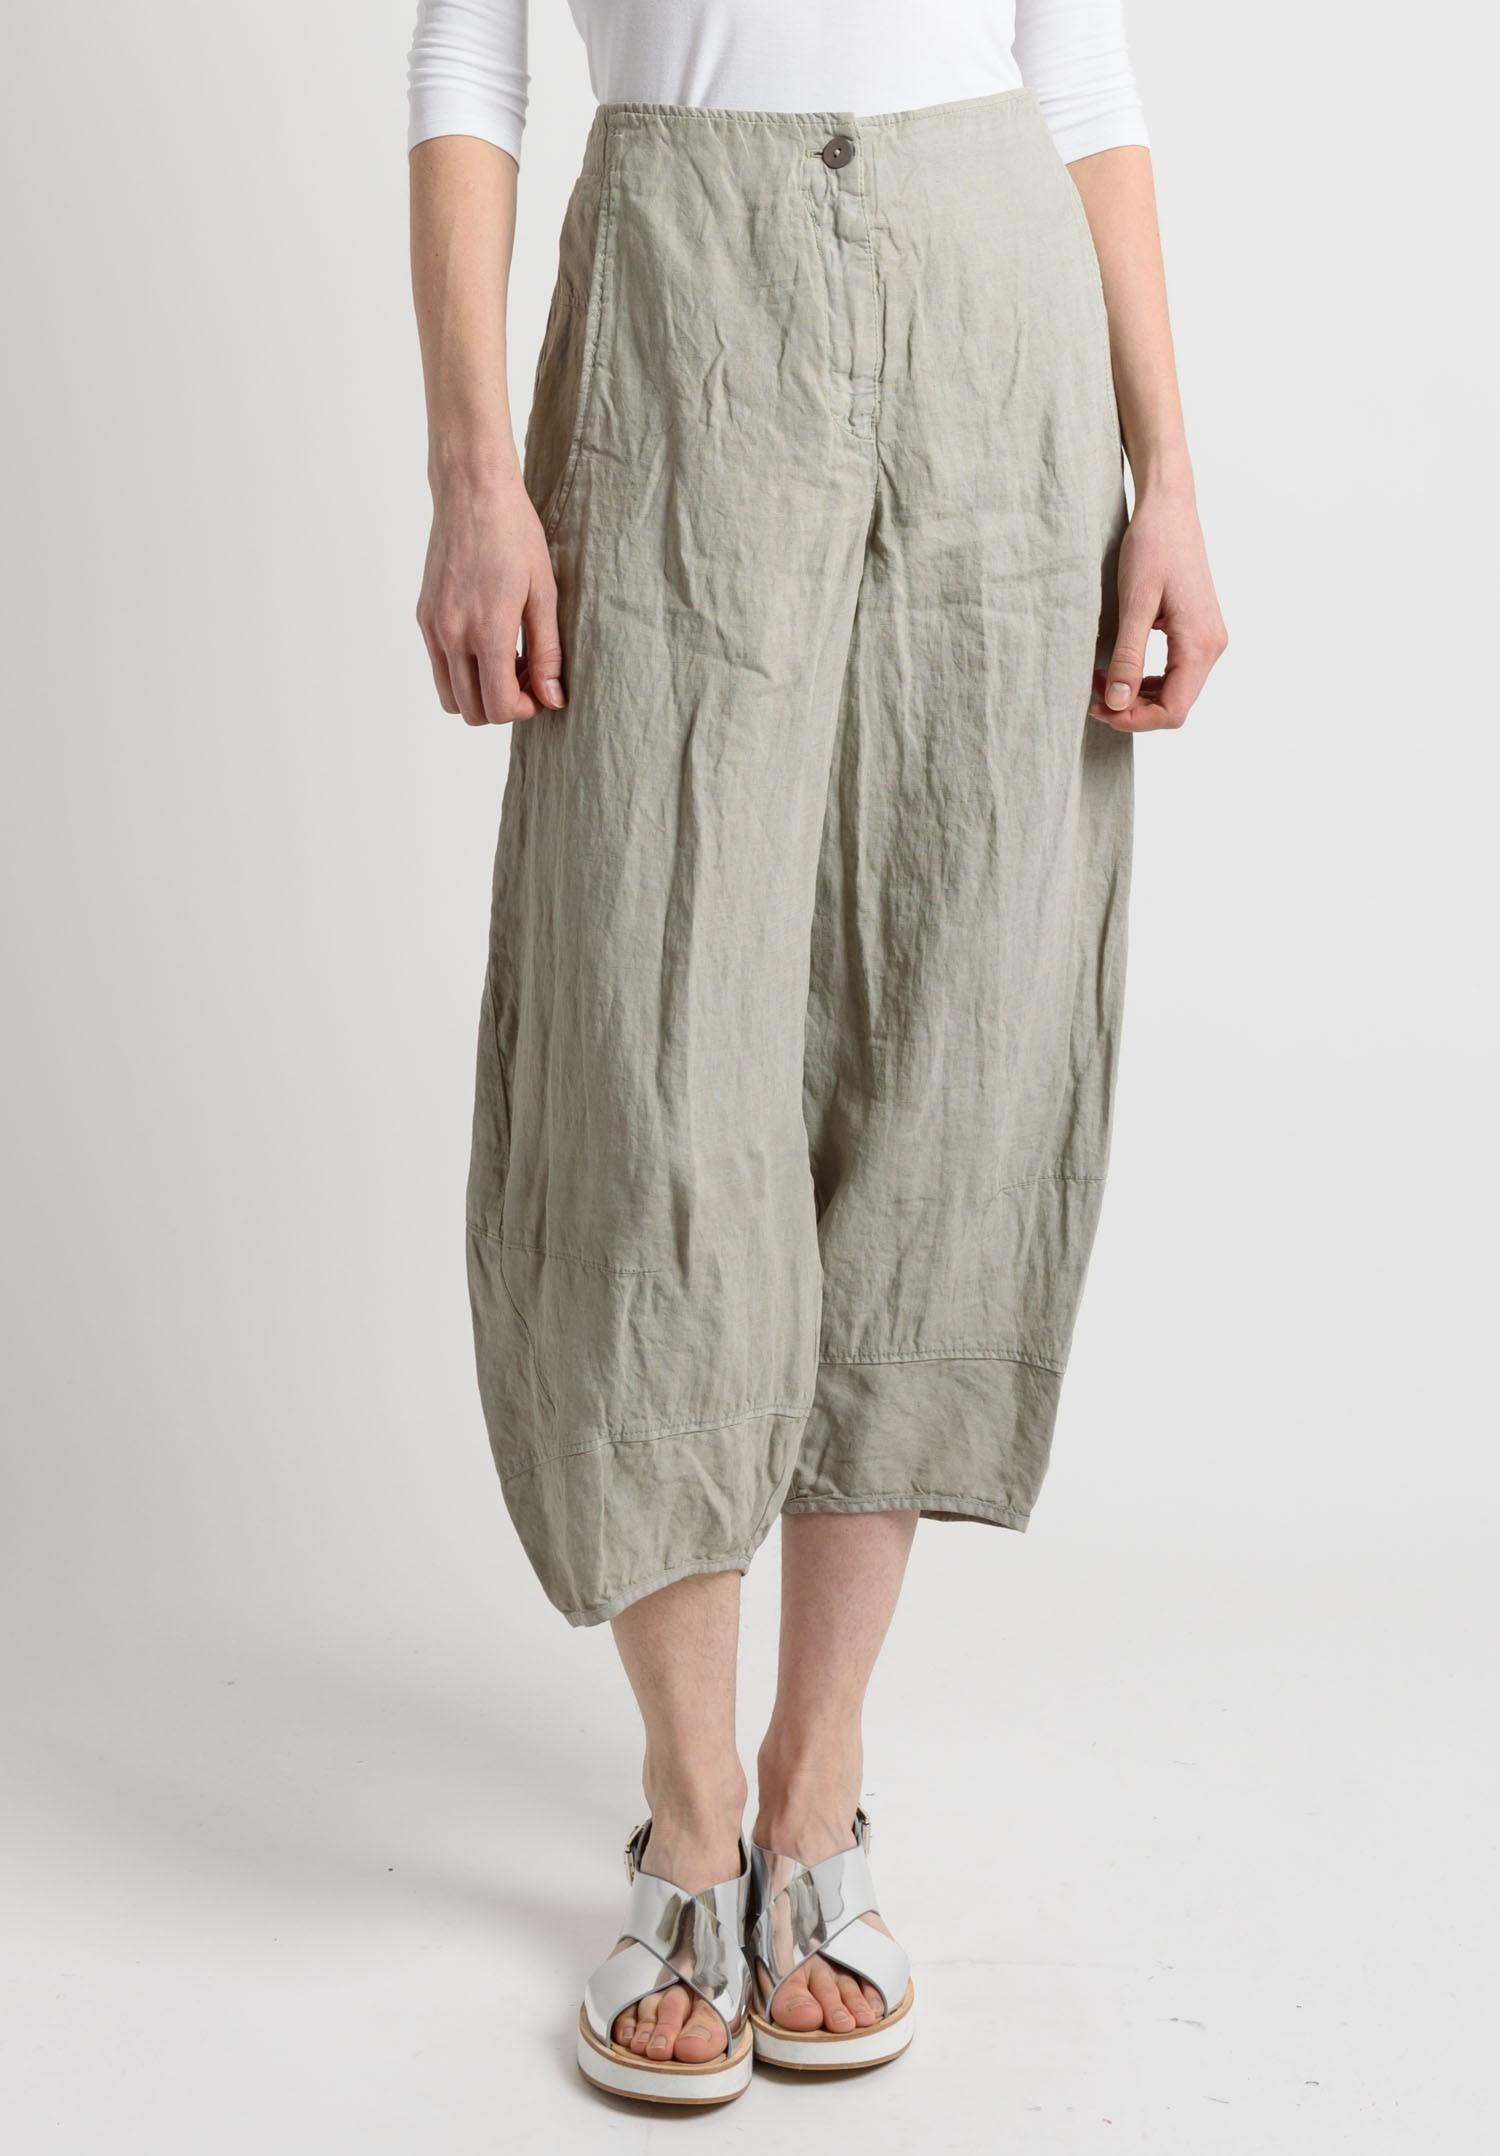 Oska Linen Cropped Wide Leg Pants In Beige Santa Fe Dry